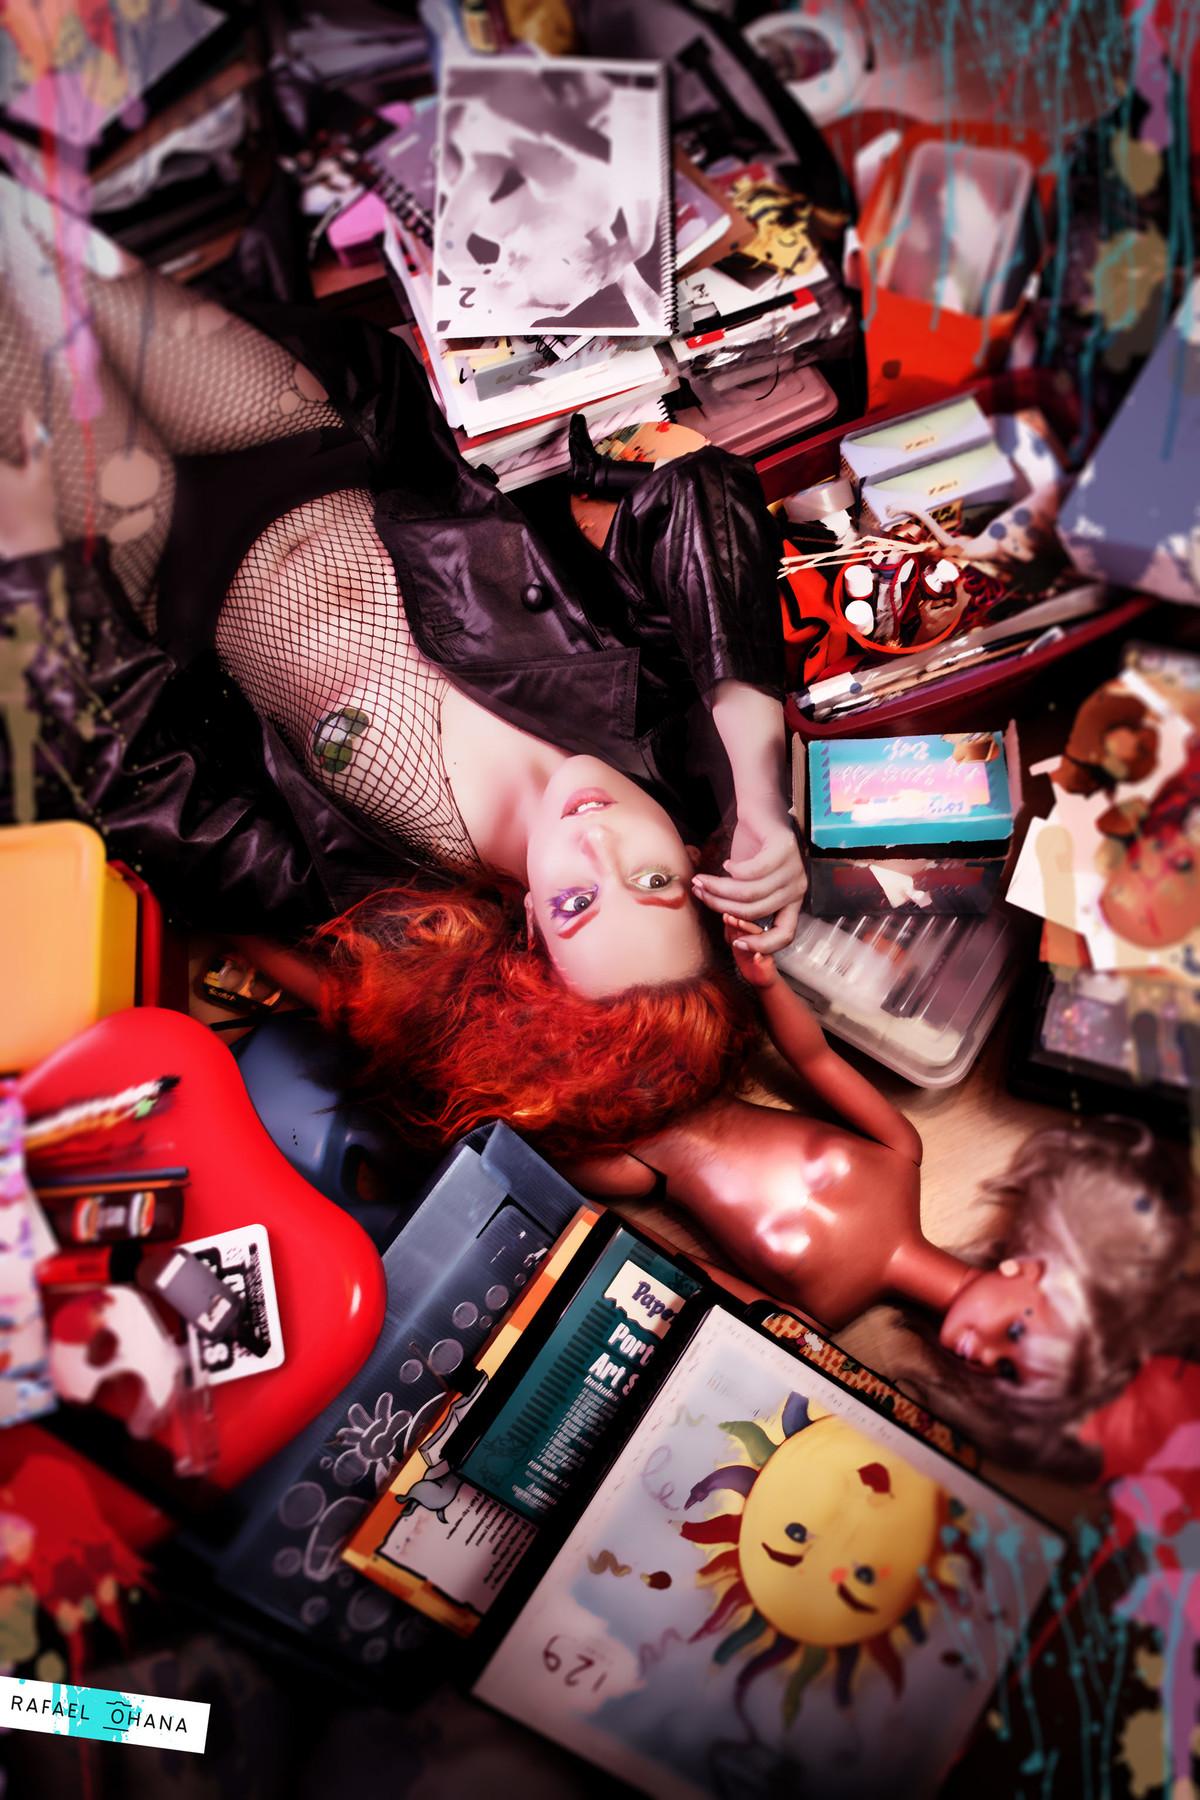 Ensaio delirium sandman do Neil Gaiman feito pelo fotógrafo de retratos Fantasy Rafael Ohana em Brasília-DF